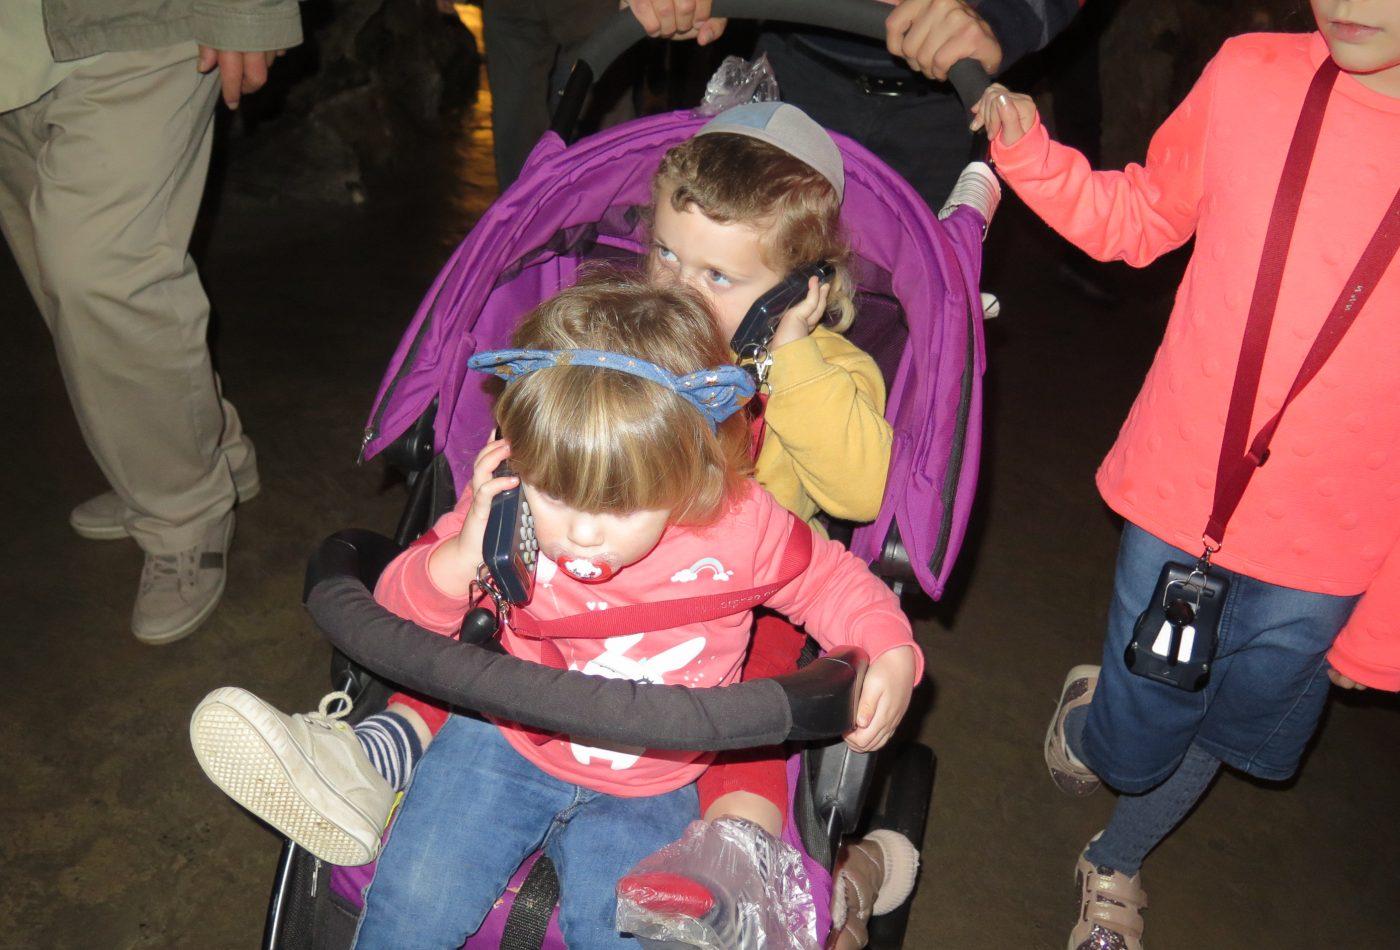 גם הקטנים נהנים להקשיב להסברים בעברית